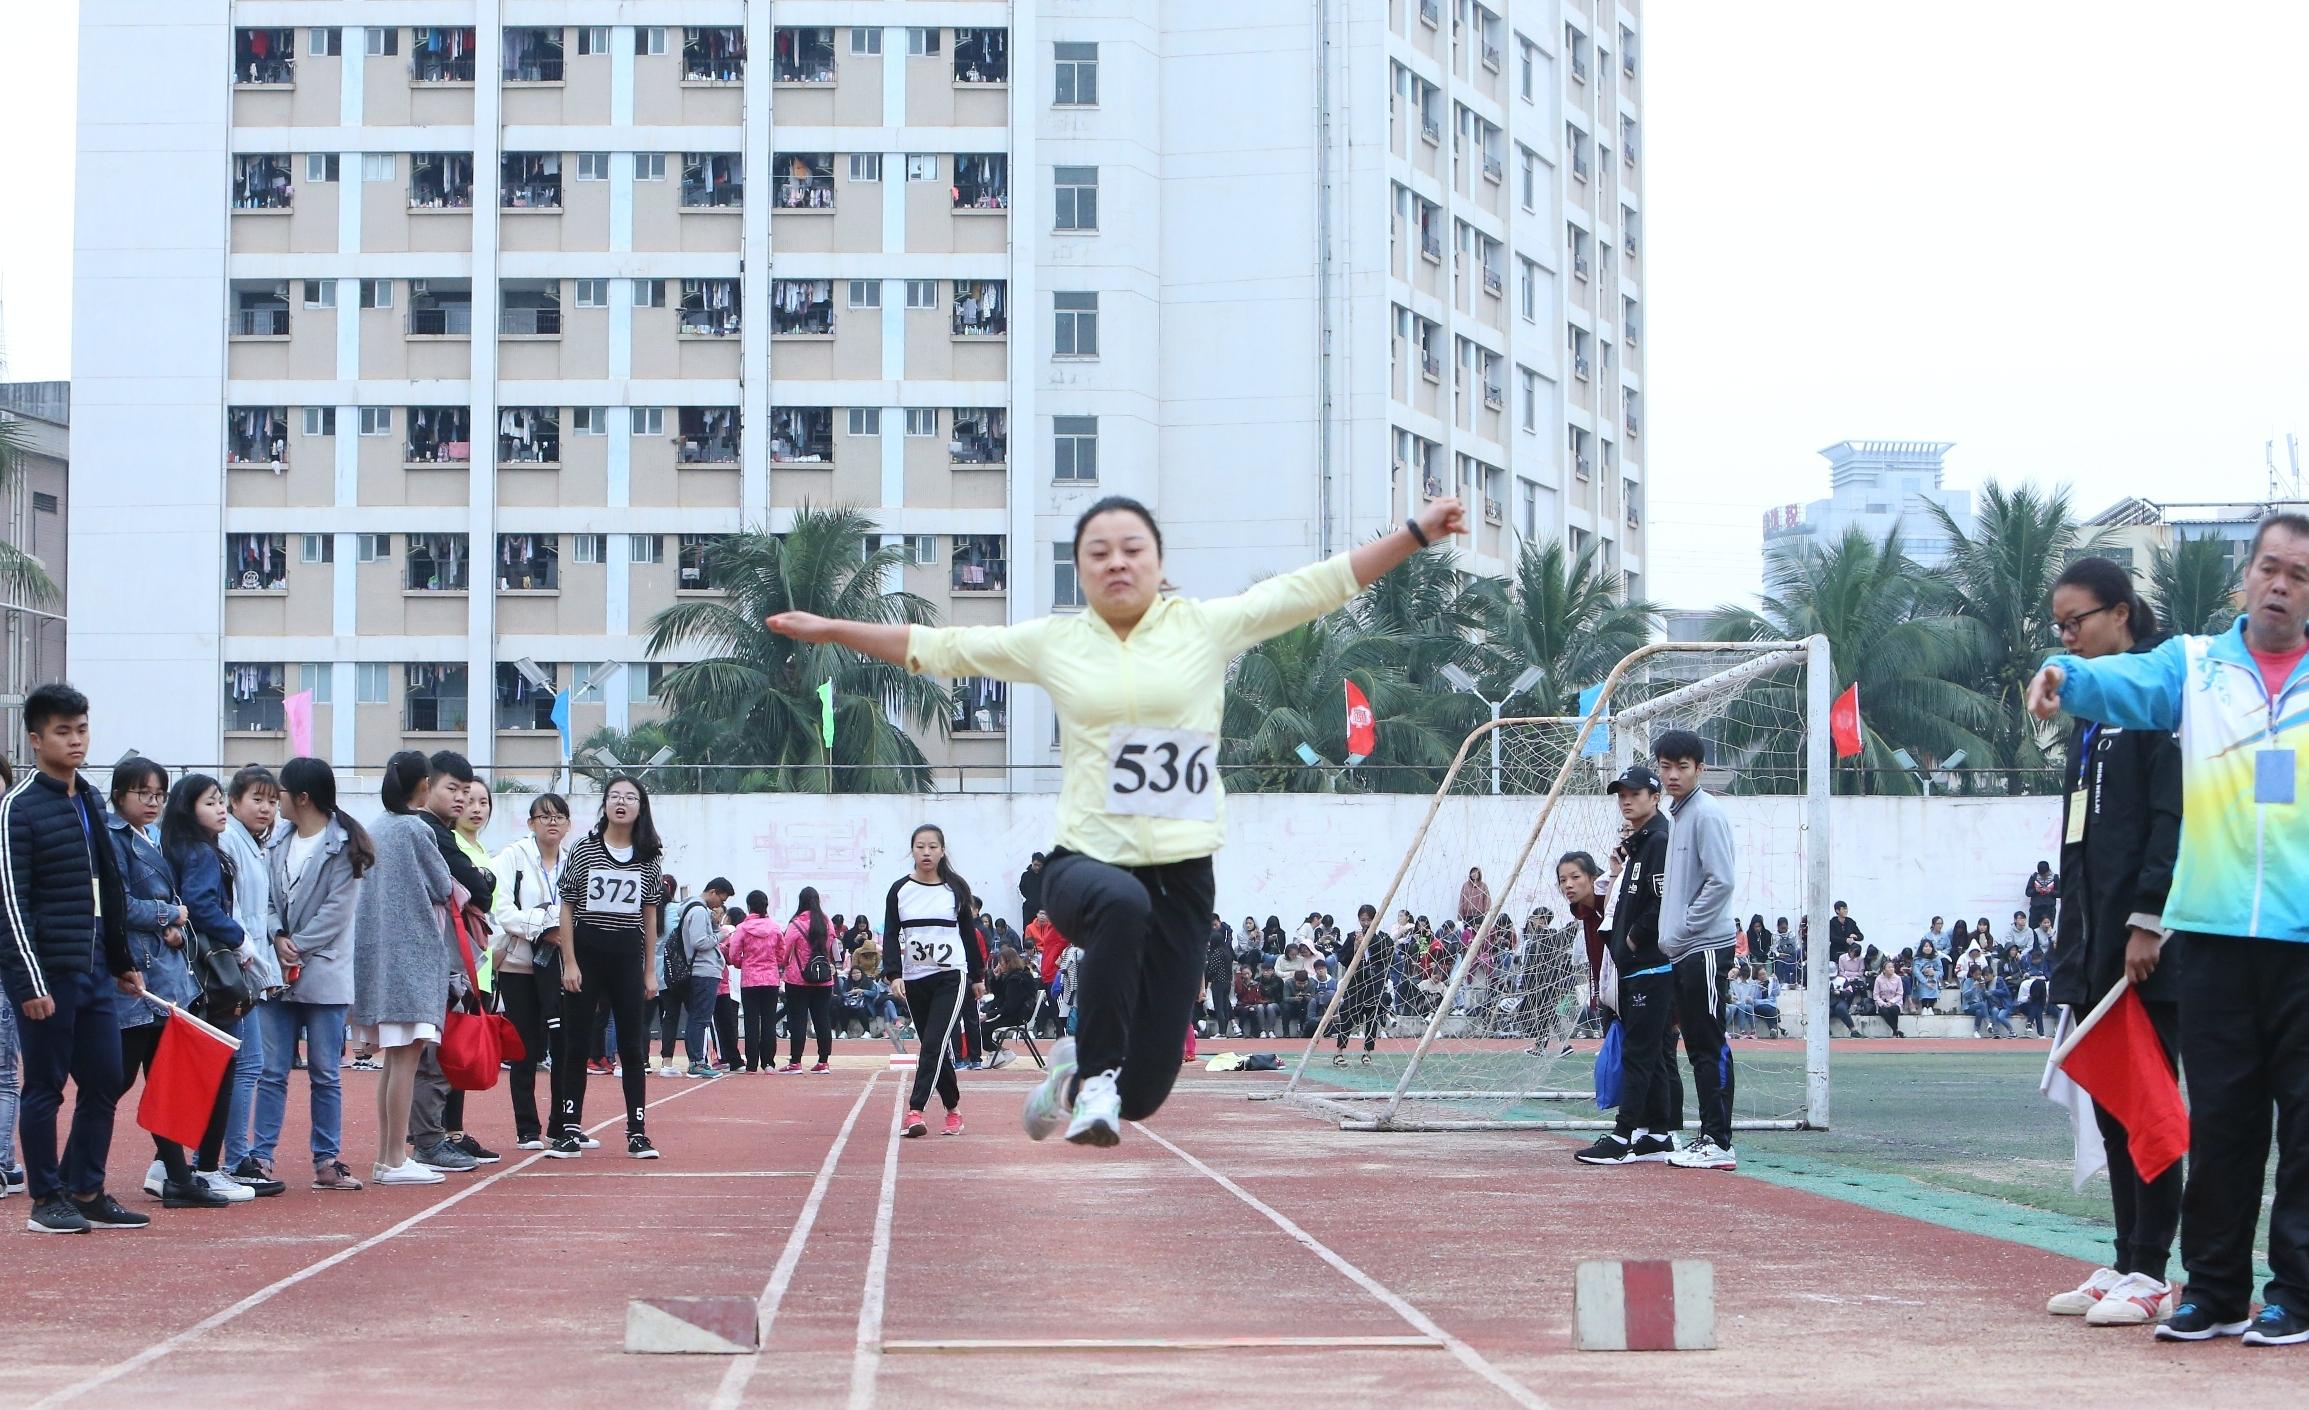 【第34届运动会】直击赛场:拼搏不息,运动不止